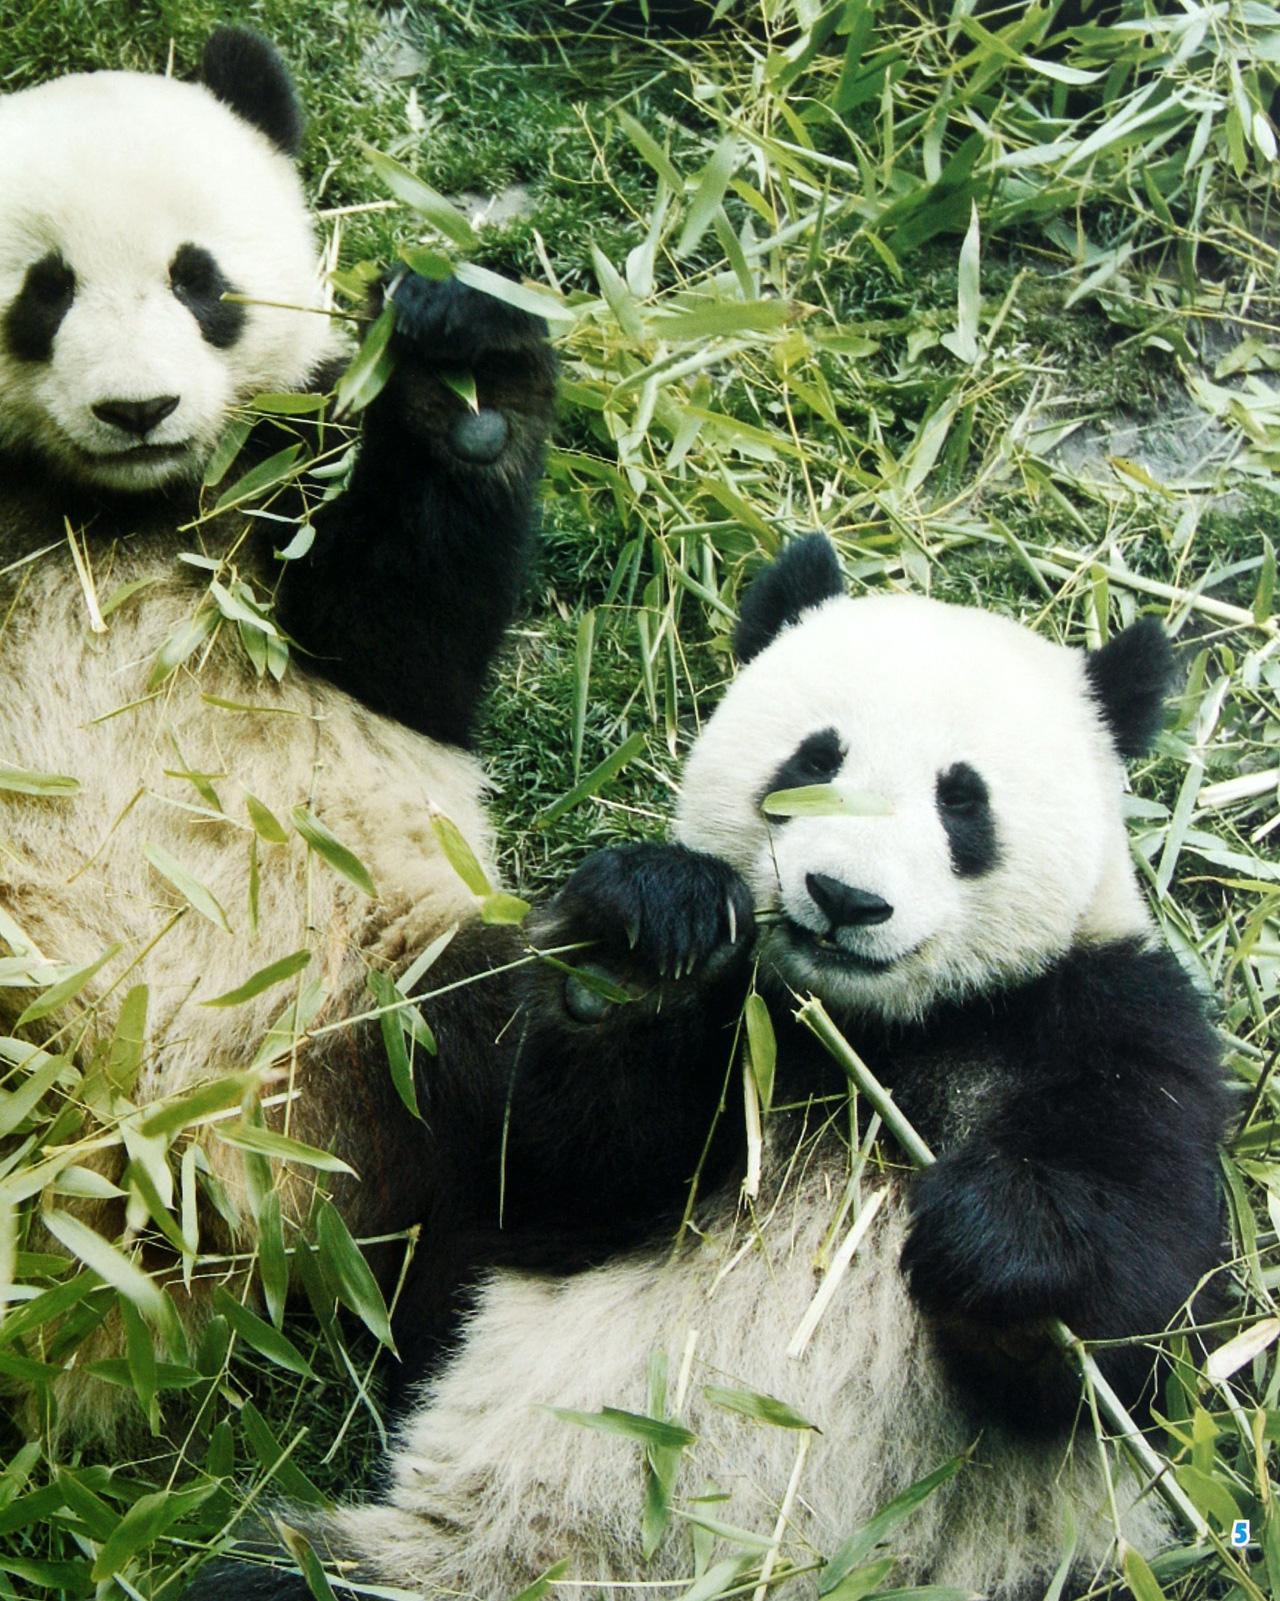 壁纸 大熊猫 动物 1280_1601 竖版 竖屏 手机